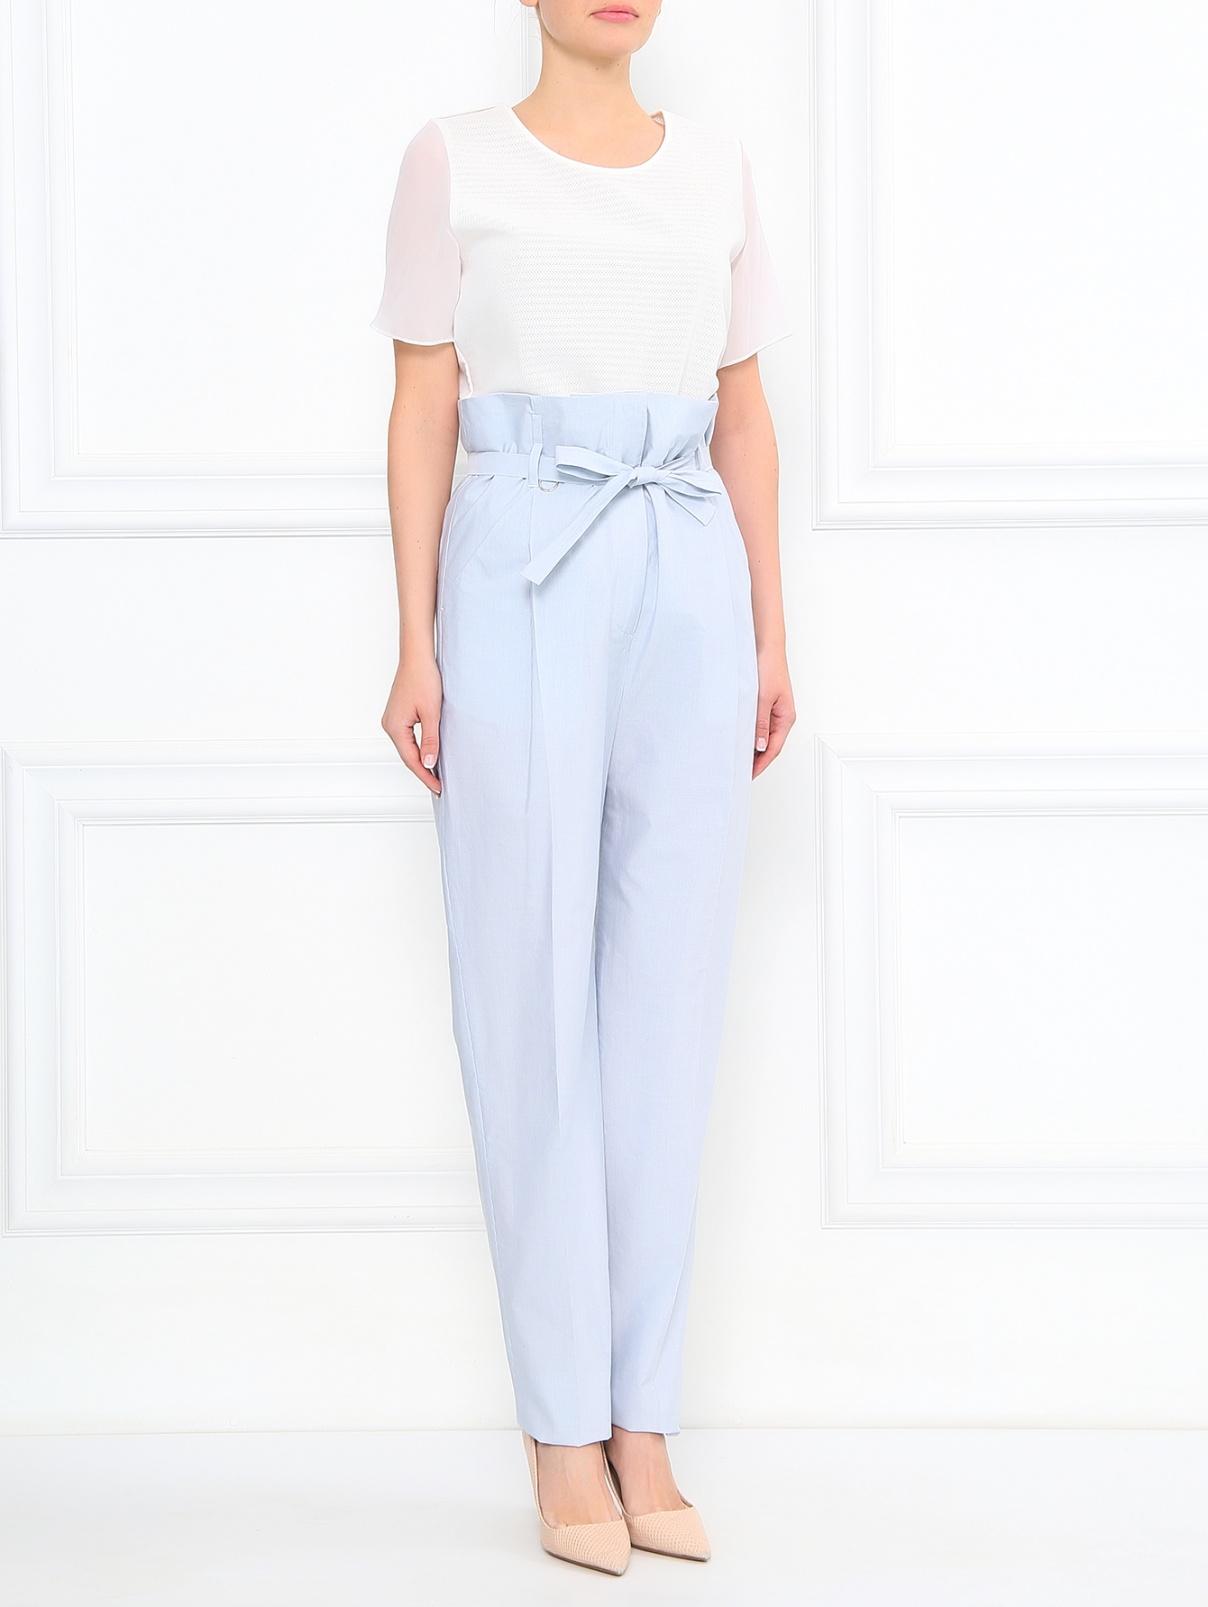 Завышенные брюки из хлопка с боковыми карманами Paul Smith  –  Модель Общий вид